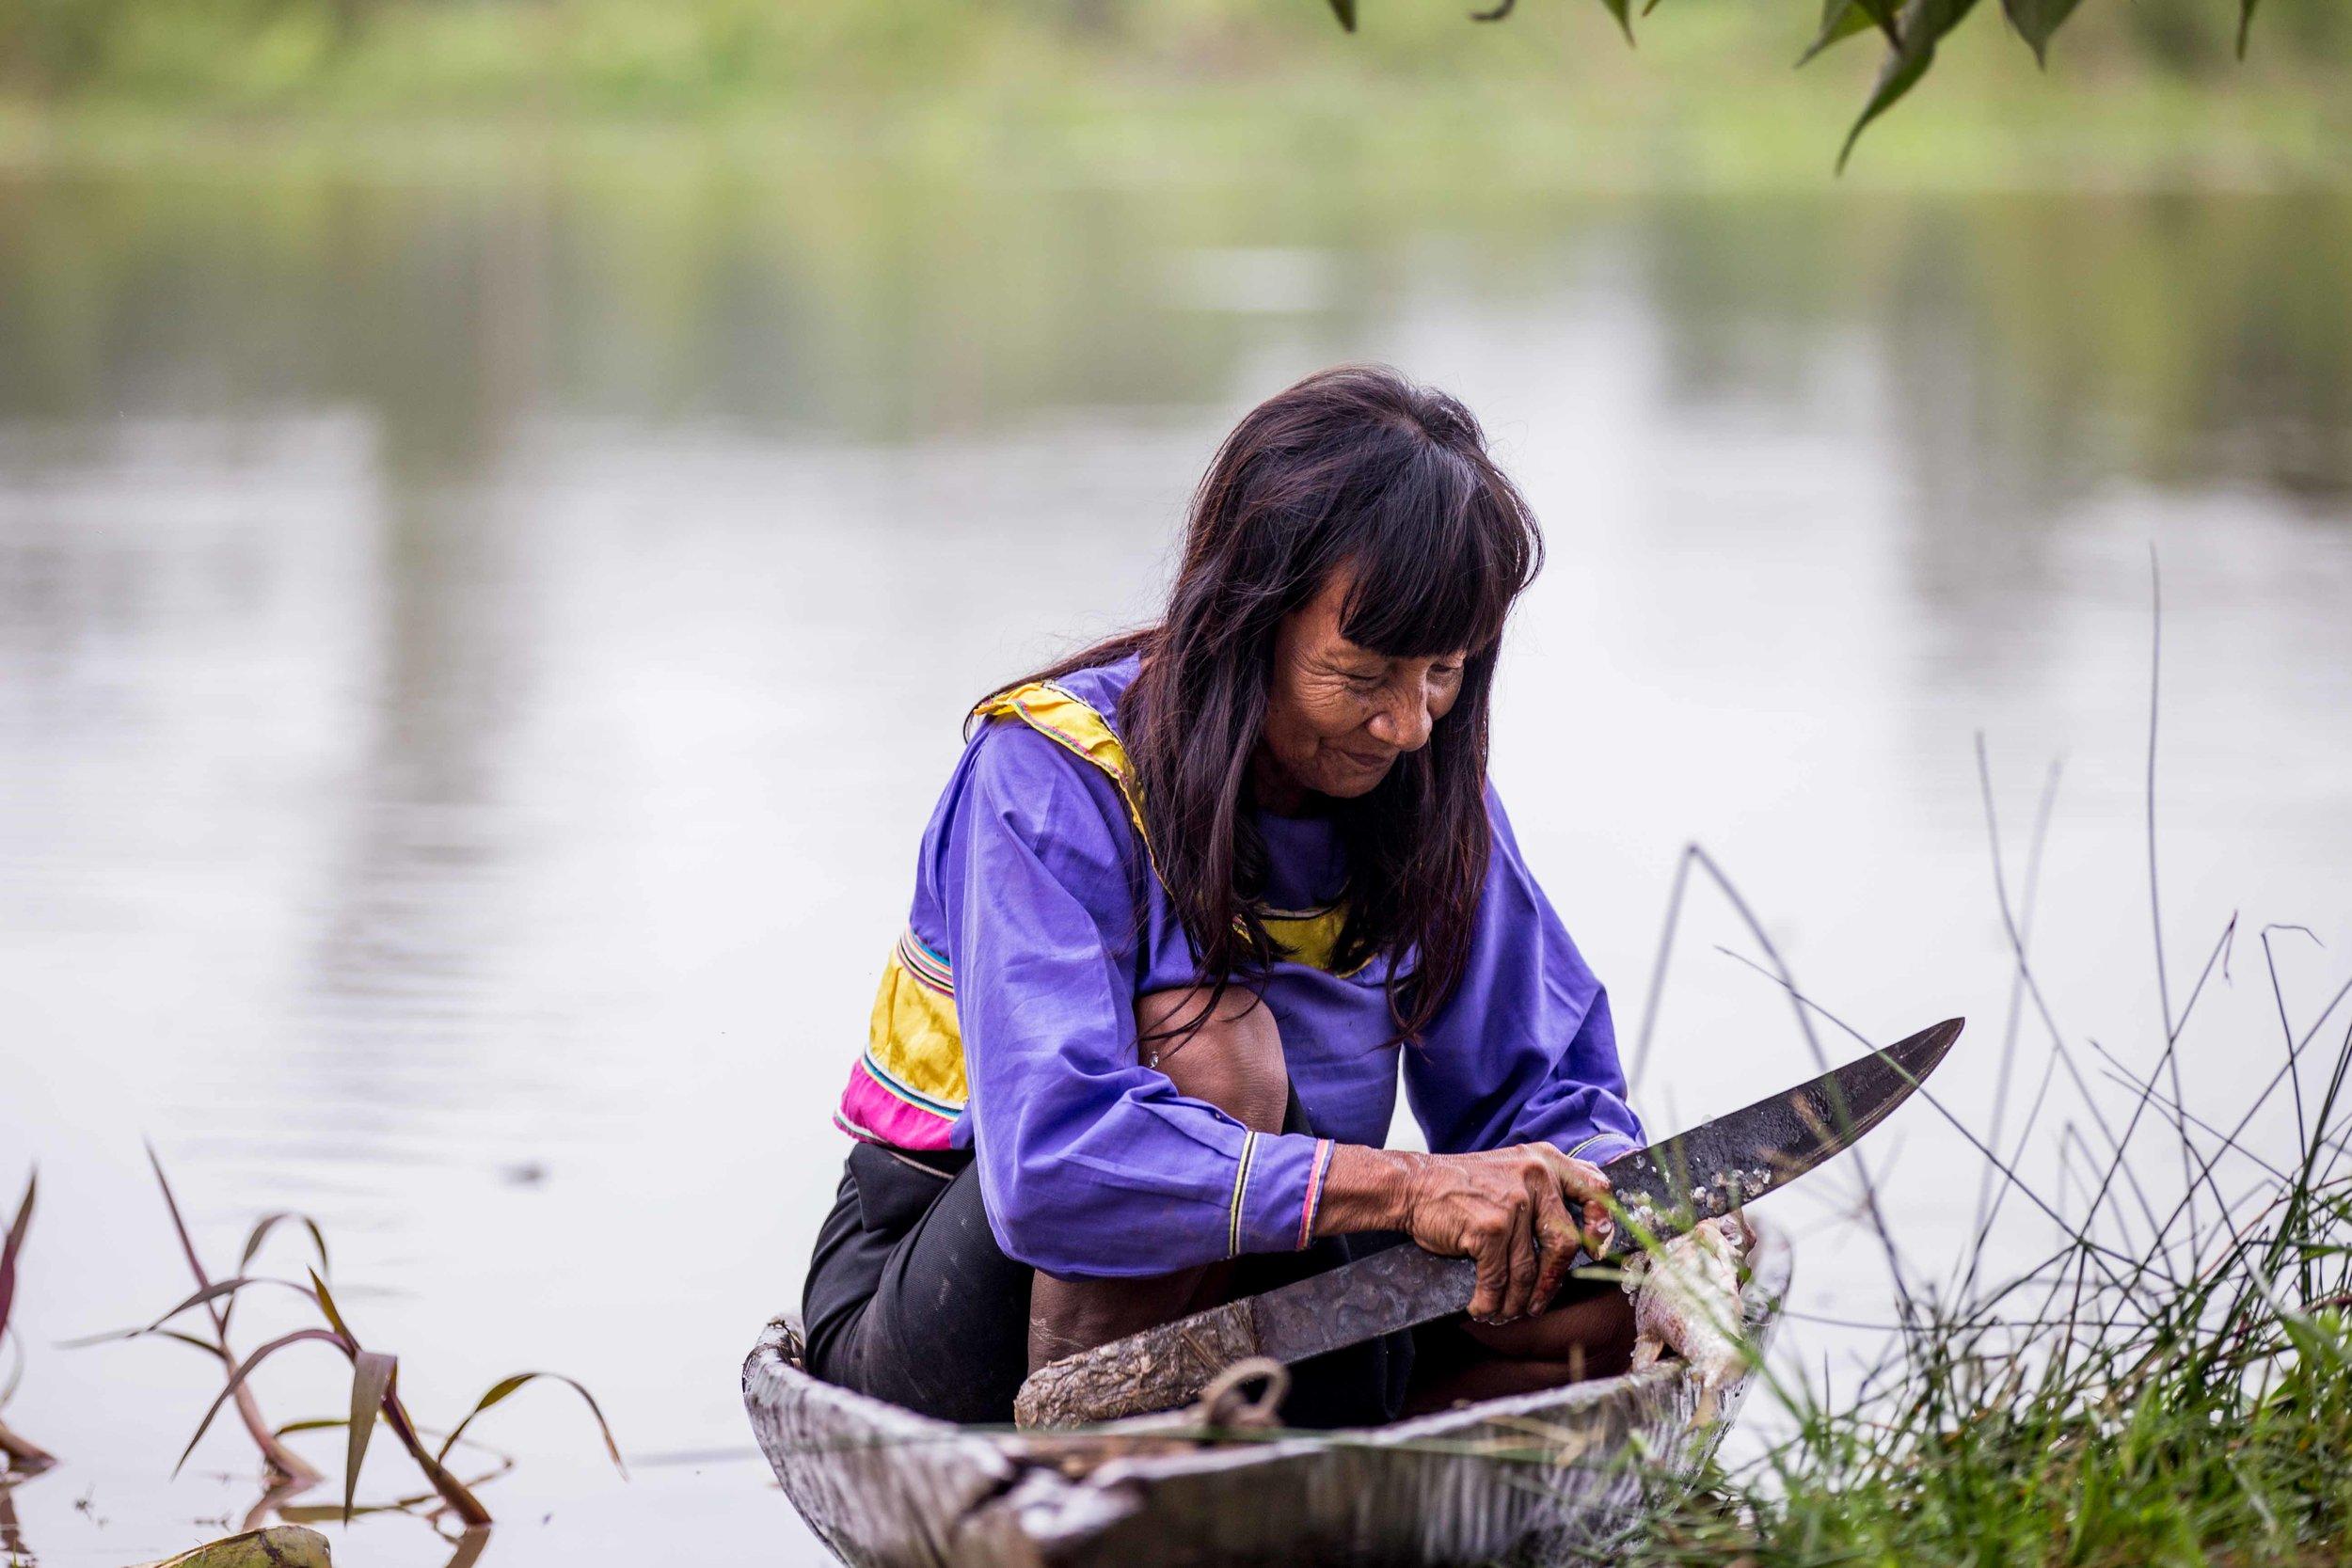 La rutina diaria de Pekon Rabi consiste en preparar el pescado recién capturado en la orilla del río junto a la casa.